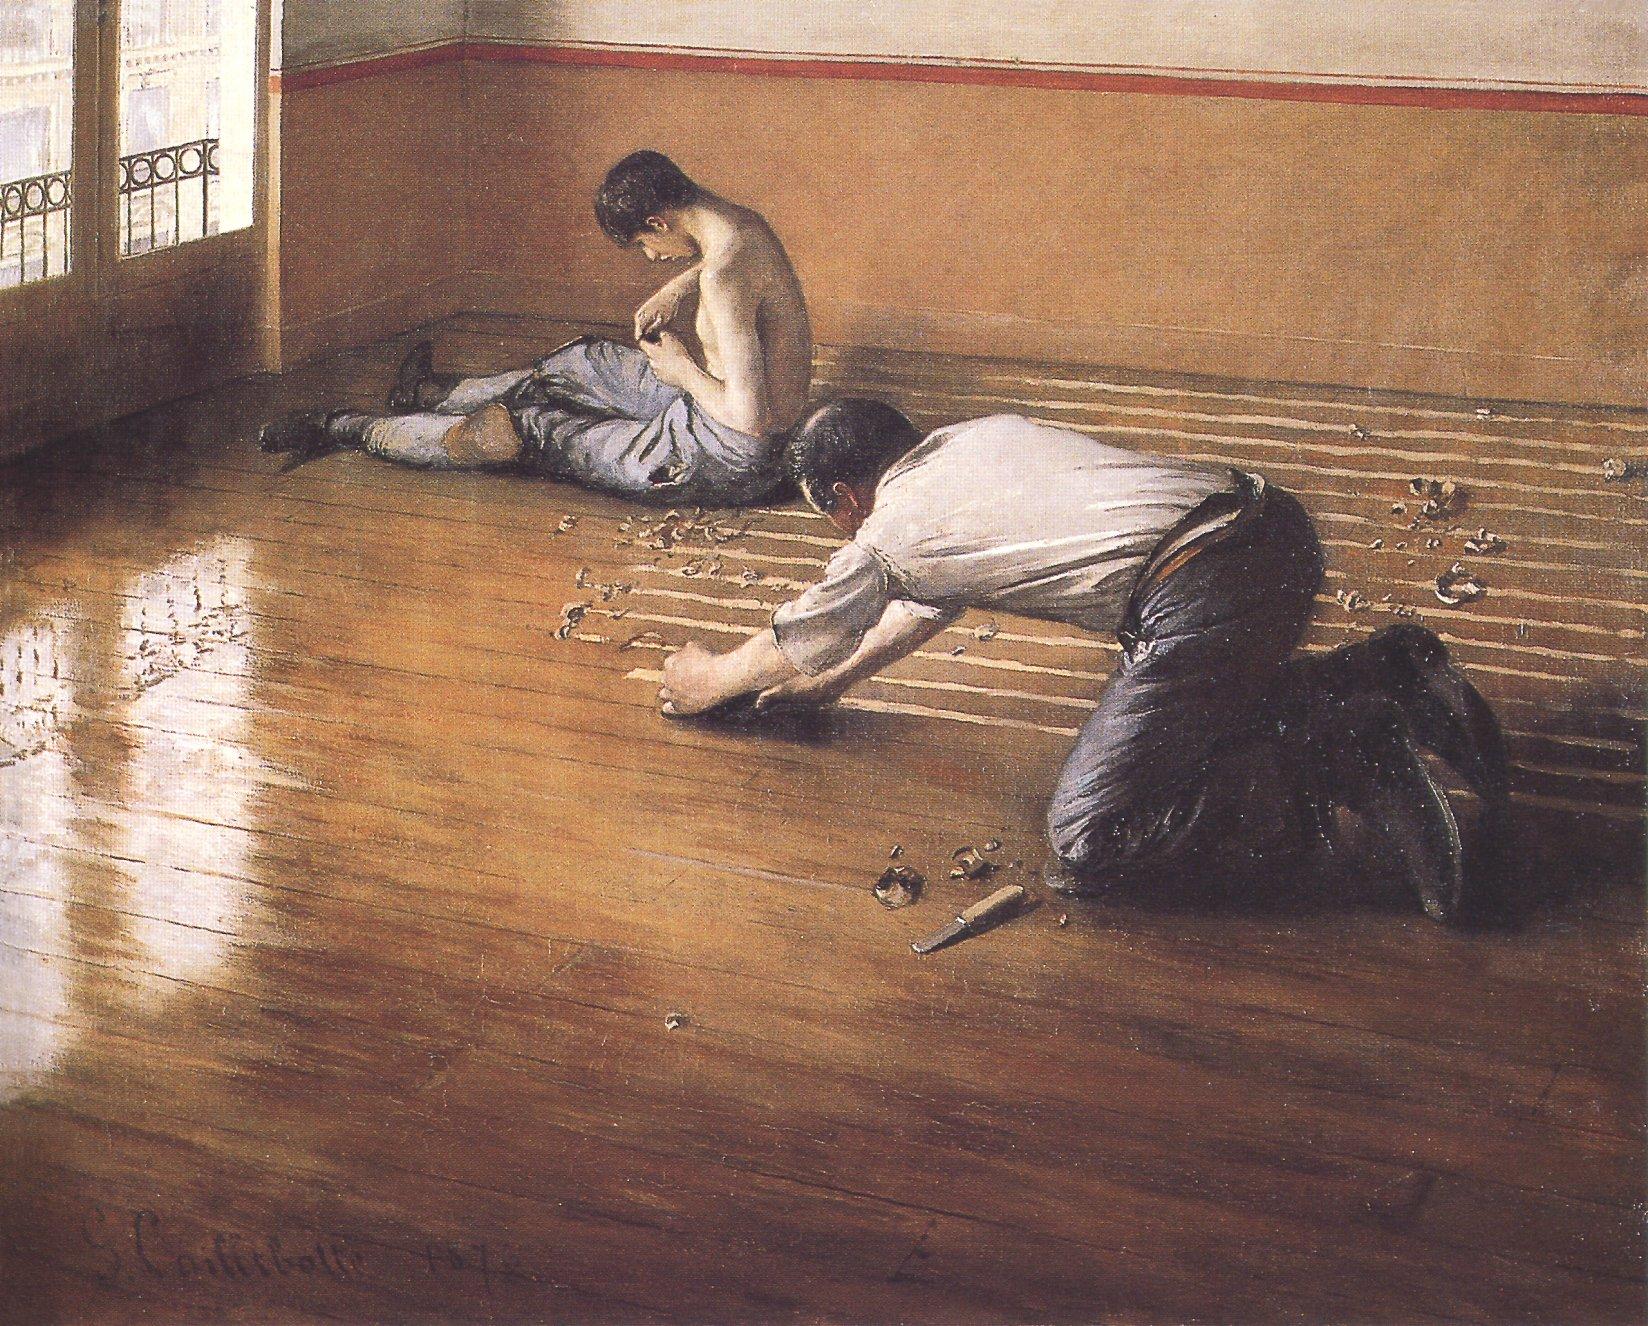 Zbirka slika Gustave_Caillebotte-Floor-scrapers_(1876)